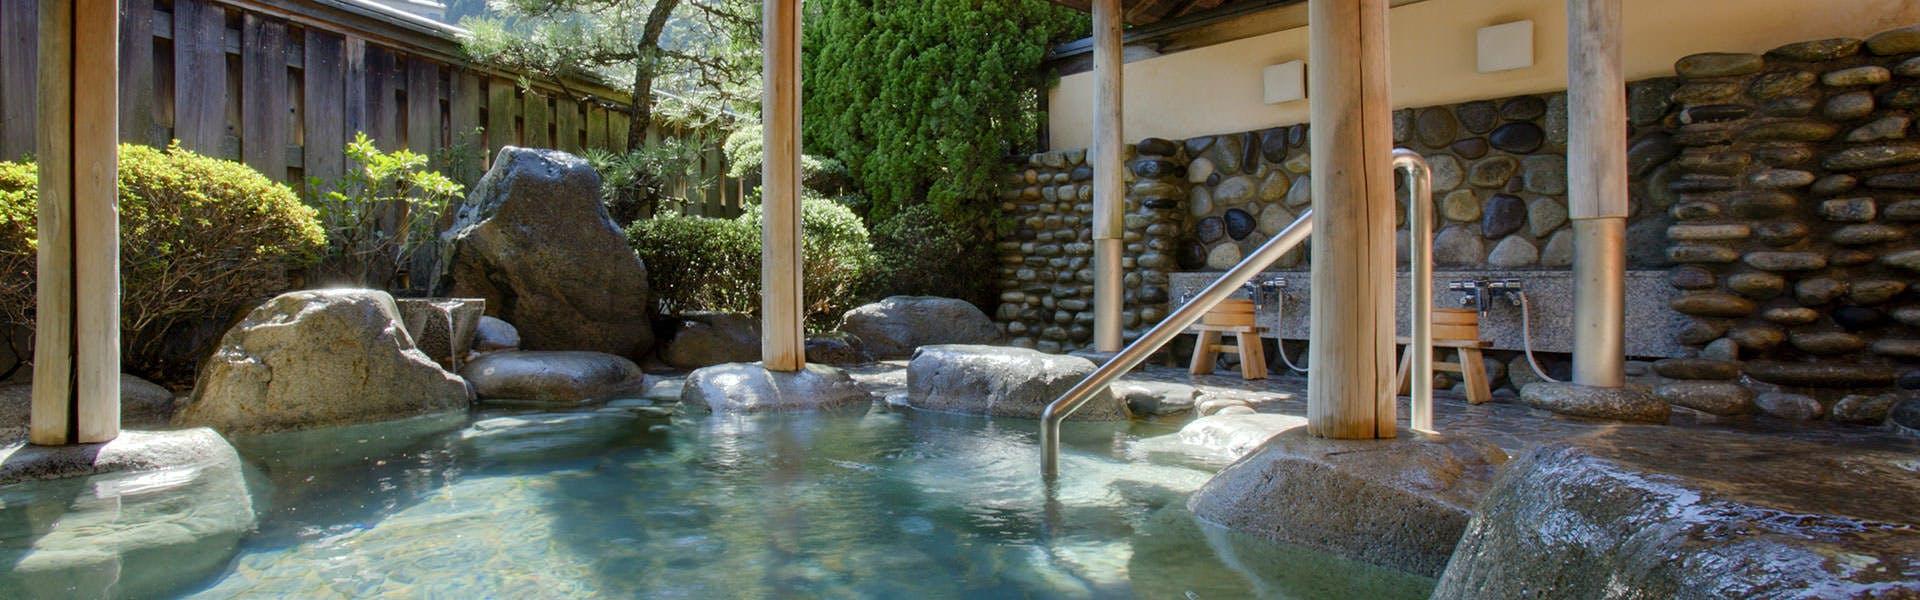 記念日におすすめのホテル・下呂温泉 川上屋花水亭の写真2